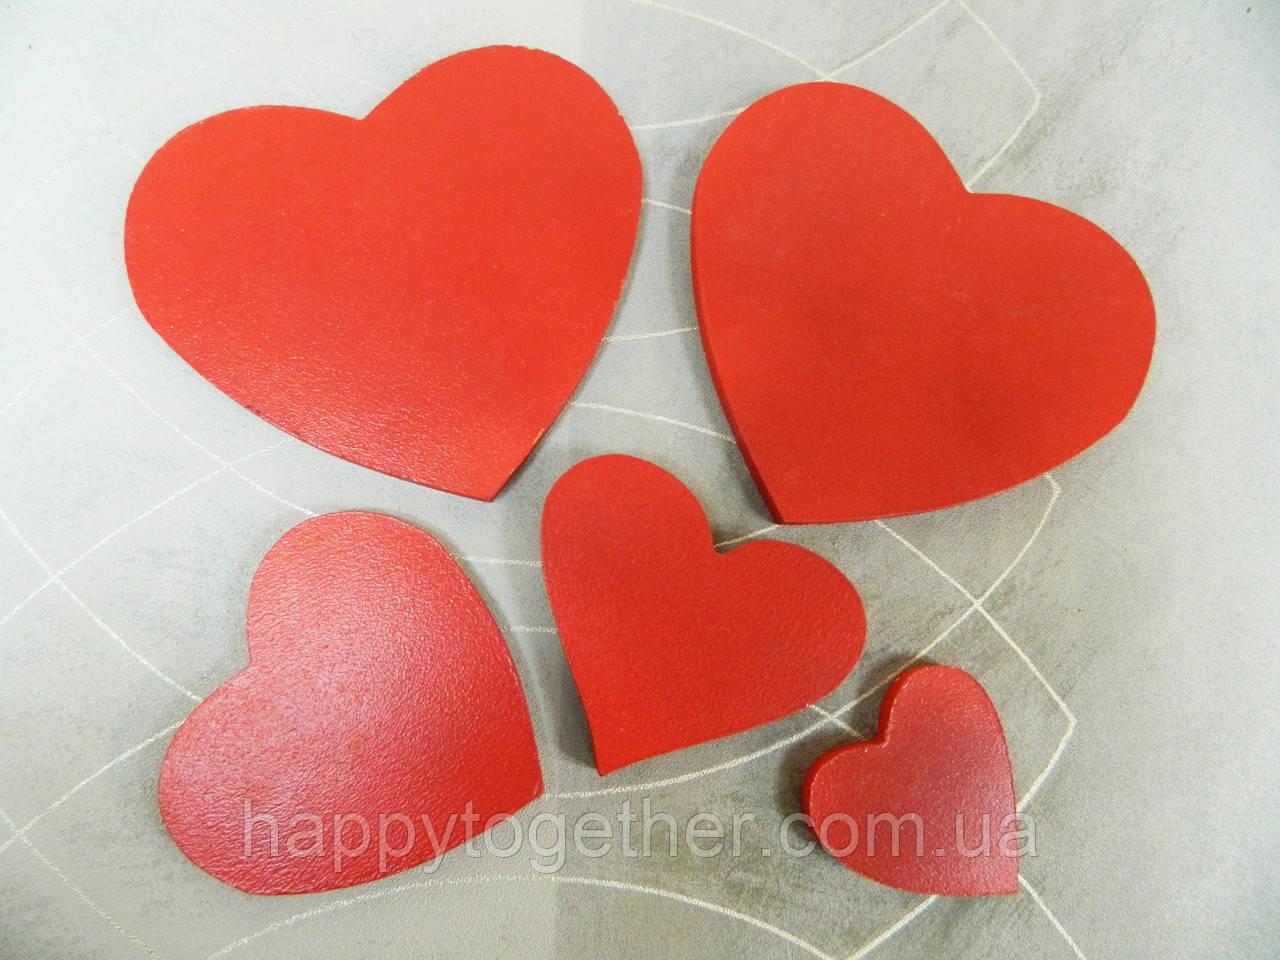 """Сердца из дерева - Свадебная мастерская """"Счастливы вместе"""" в Запорожье"""